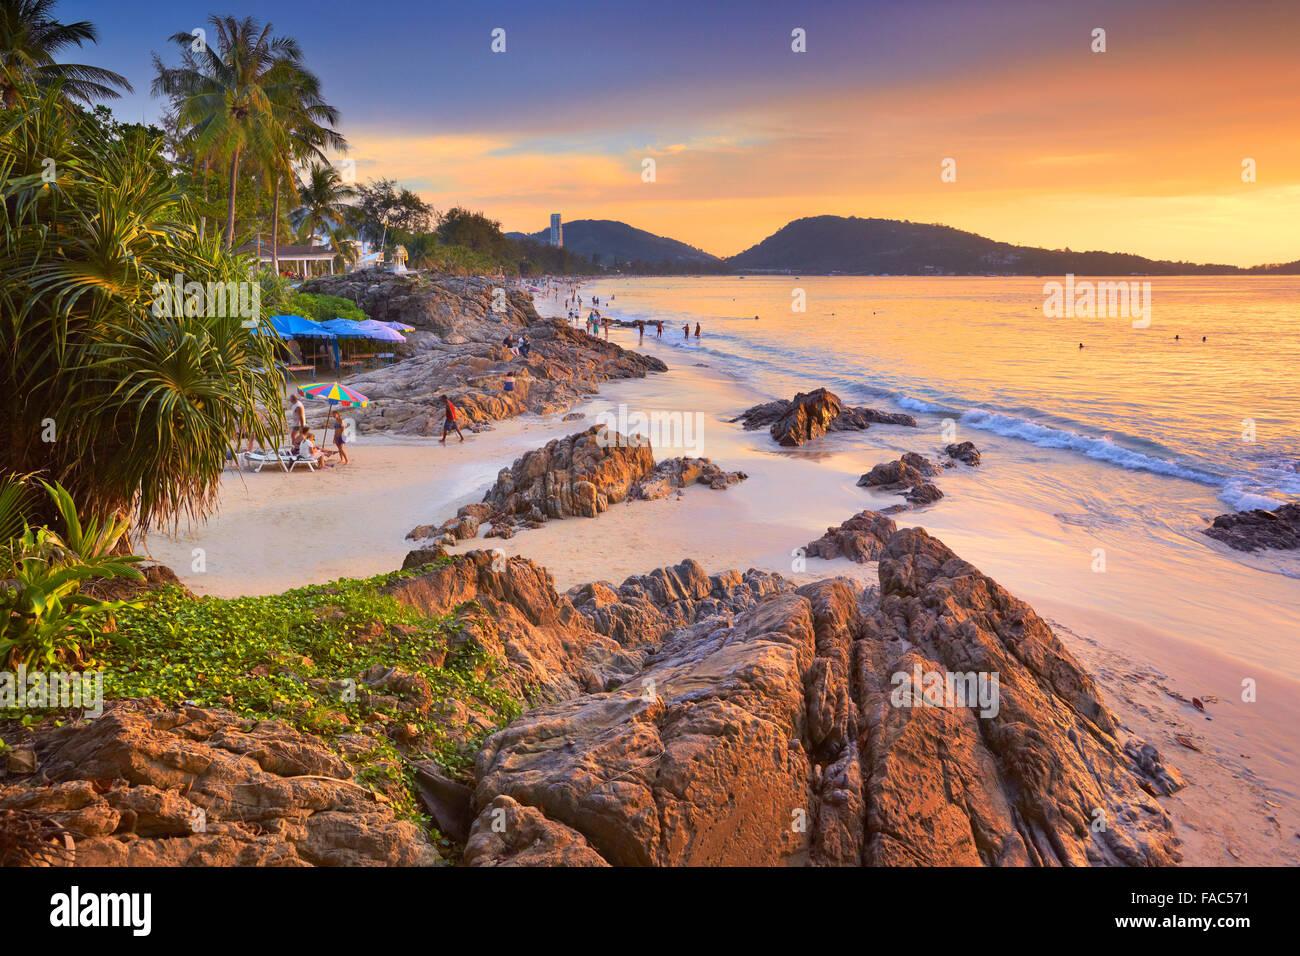 Thaïlande - tropical l'île de Phuket, Patong Beach, à l'heure du coucher du soleil scenery Photo Stock